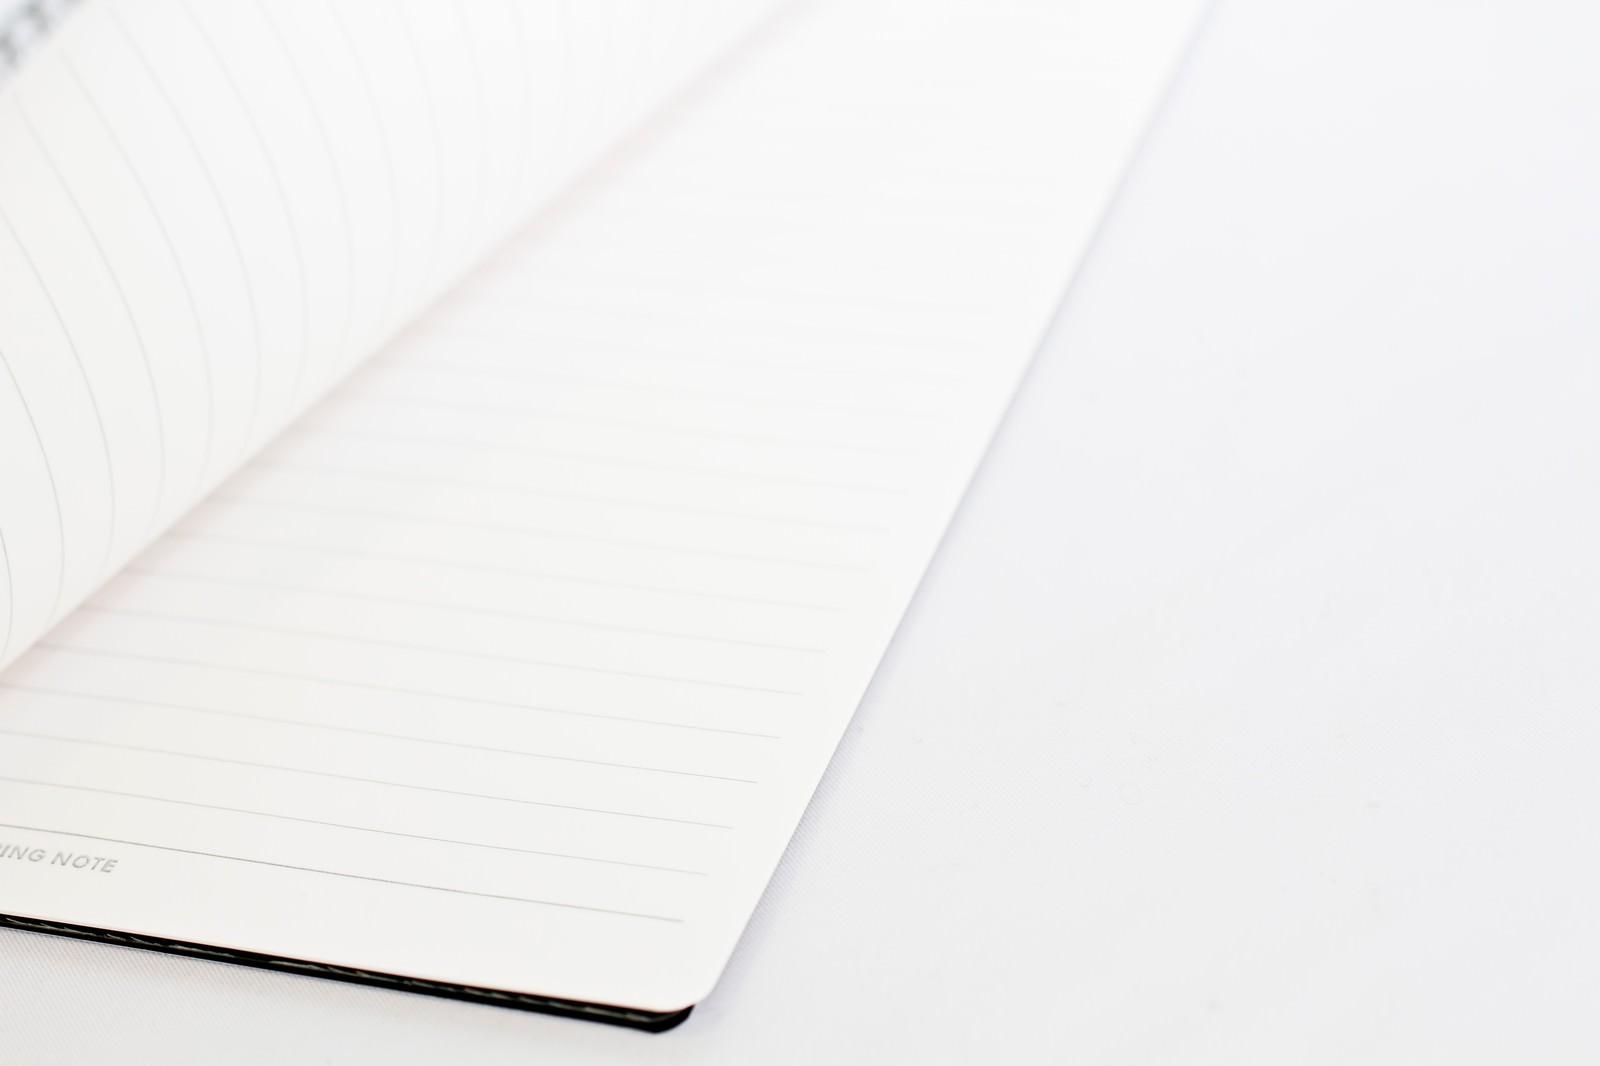 「ページを開かれるノート」の写真